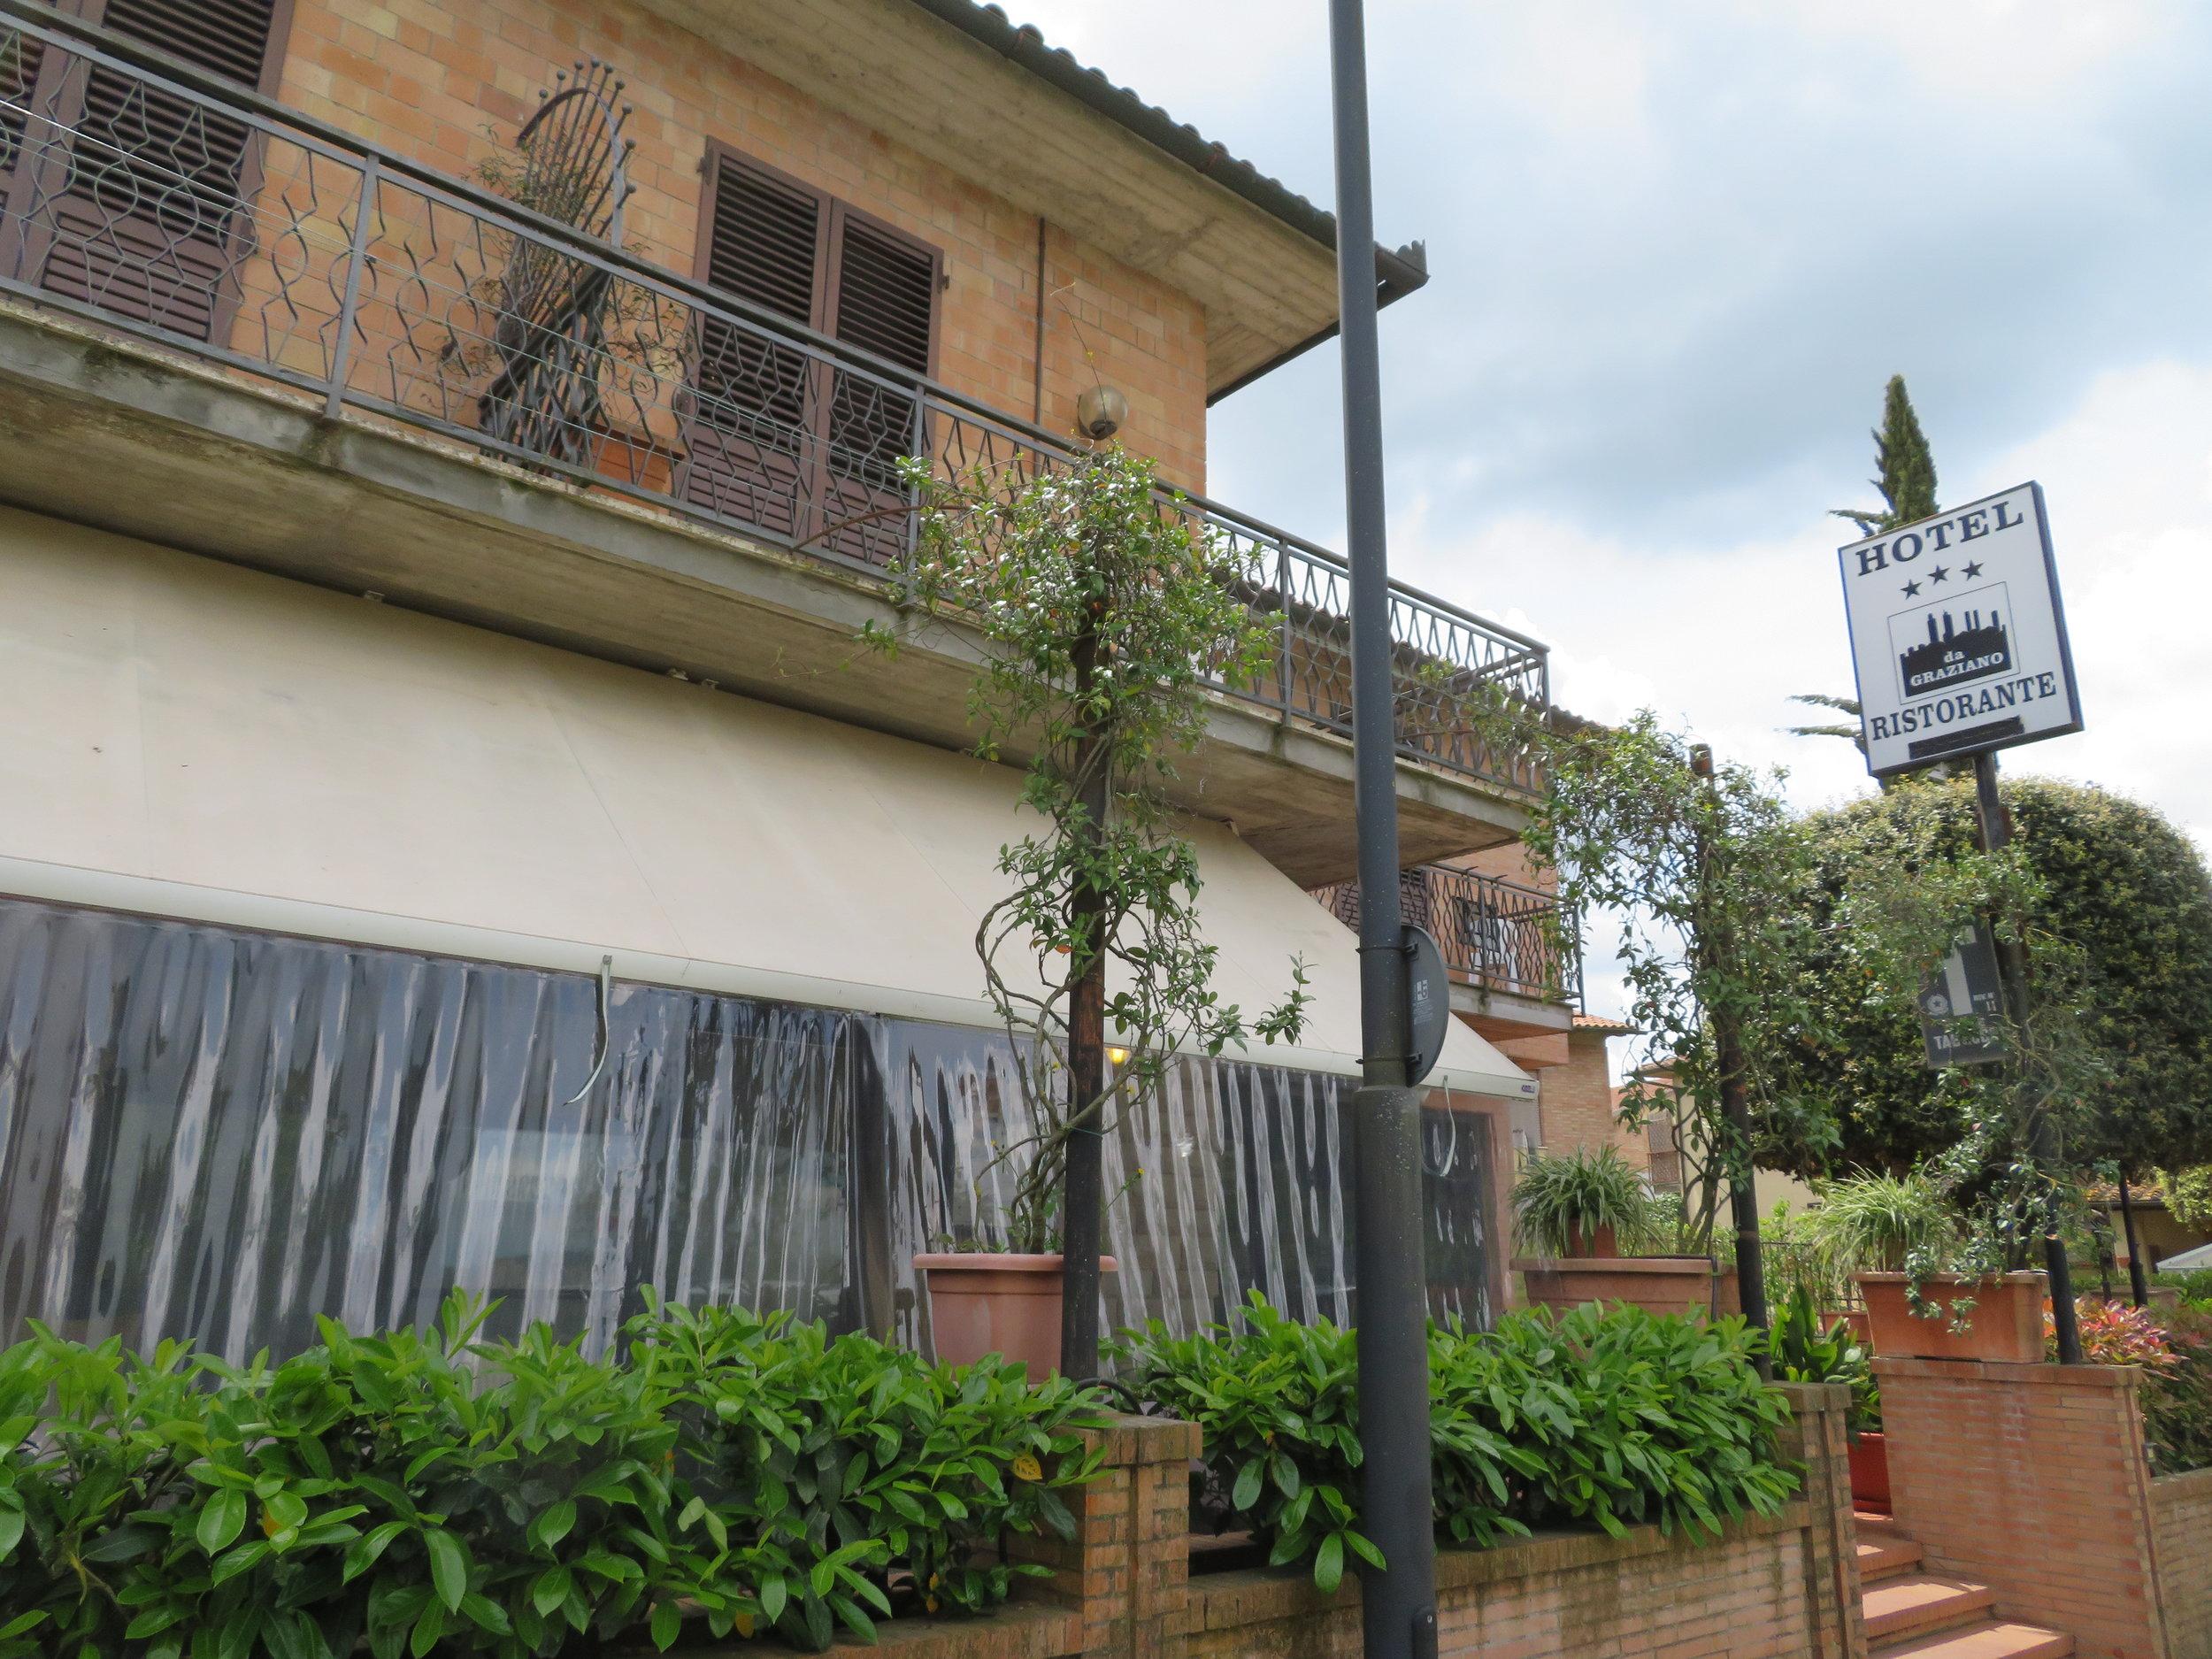 Hotel Graziano in San Gimignano